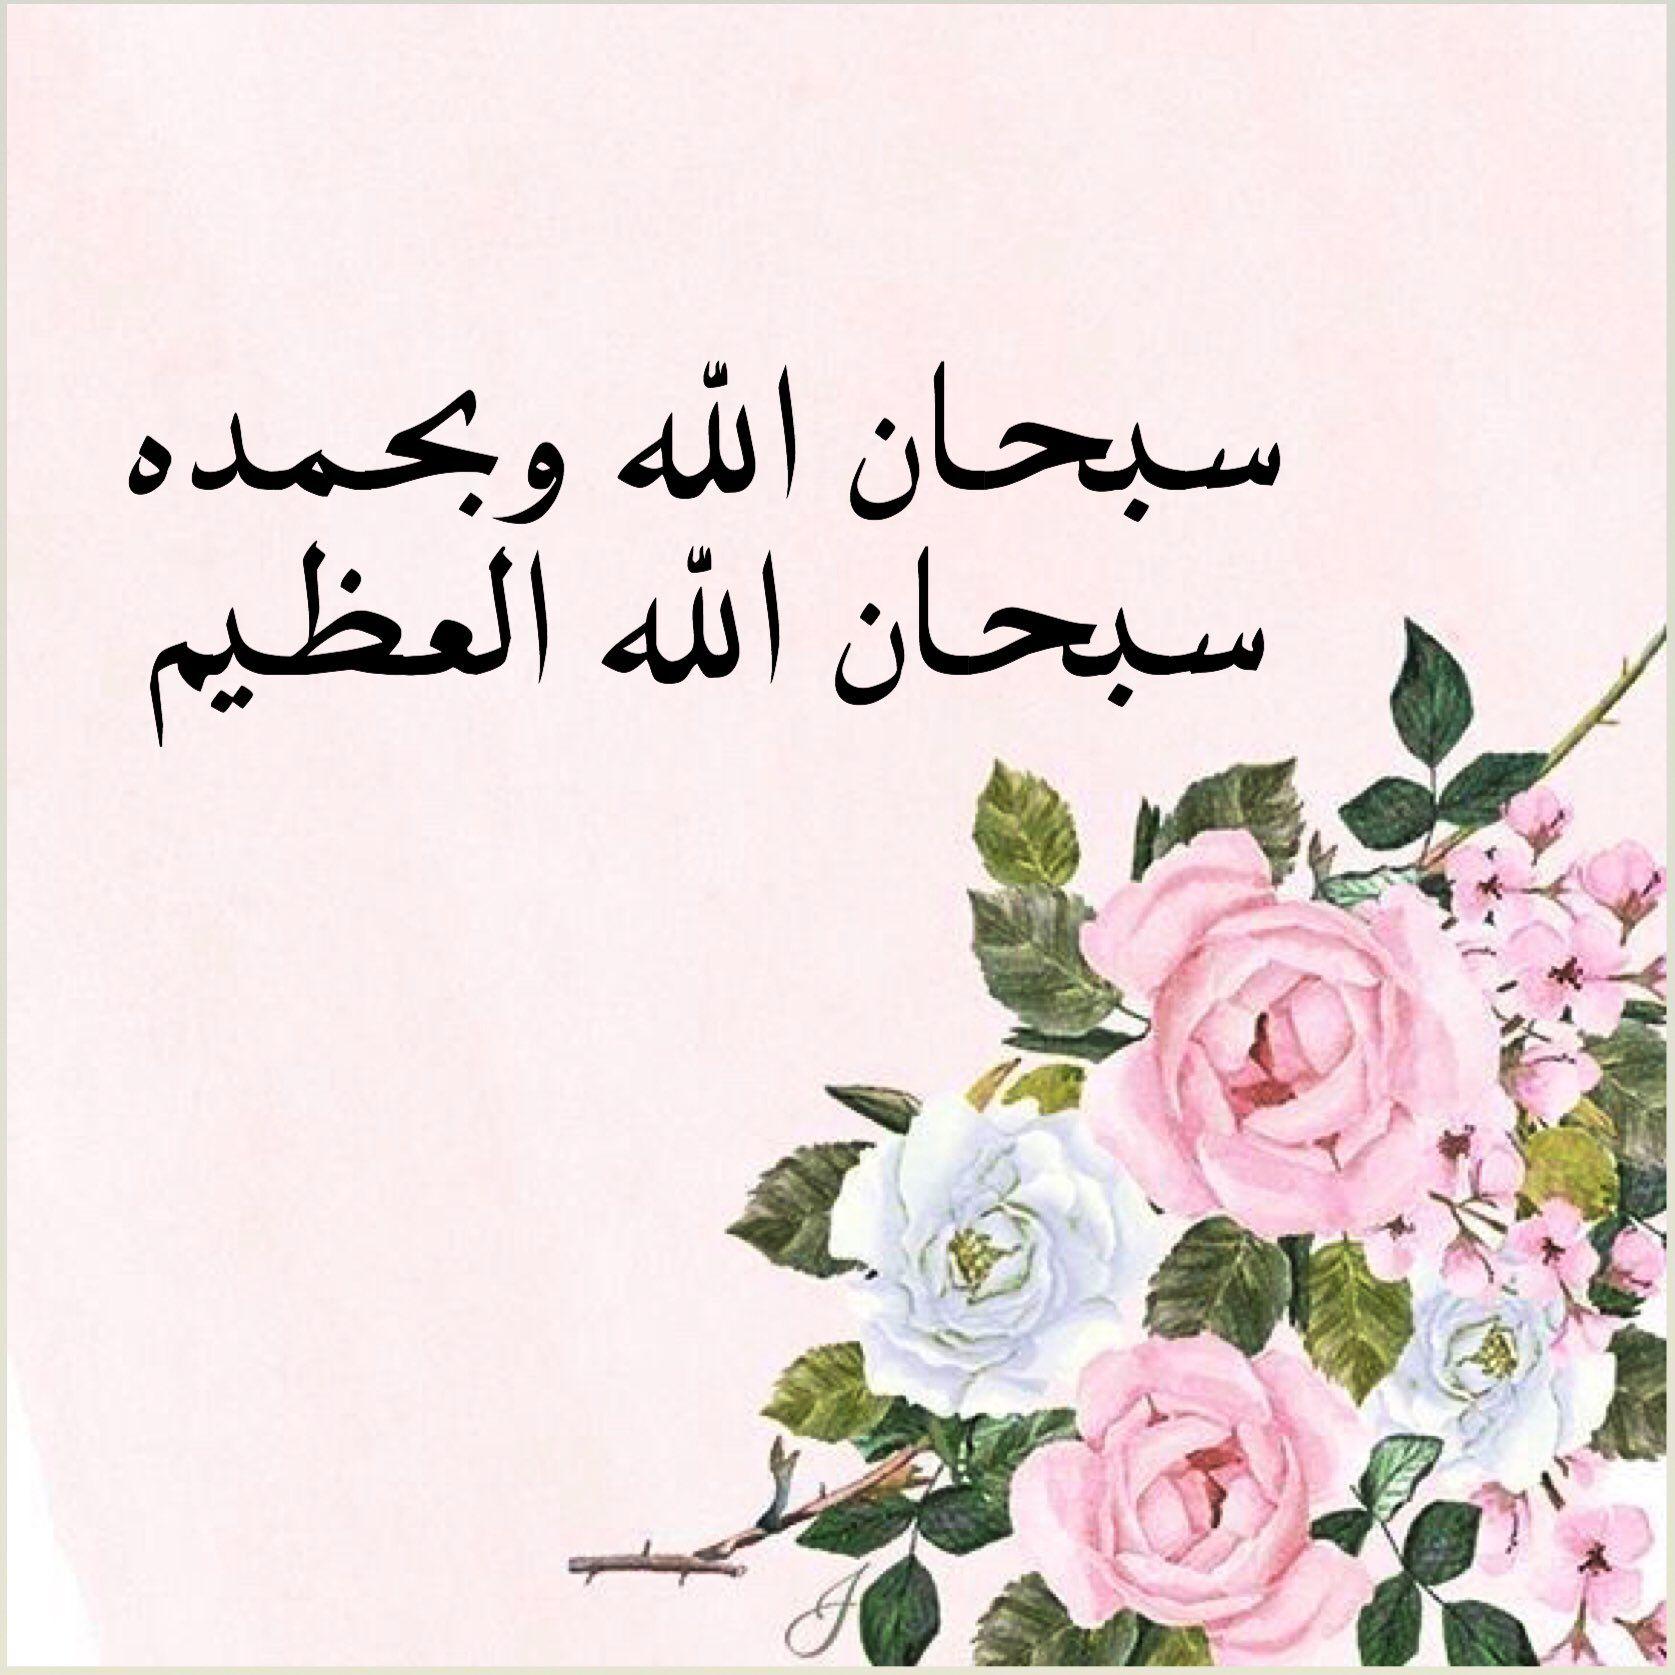 سبحان الله وبحمده سبحان الله العظيم Islamic Phrases Doa Islam Islamic Quotes Quran